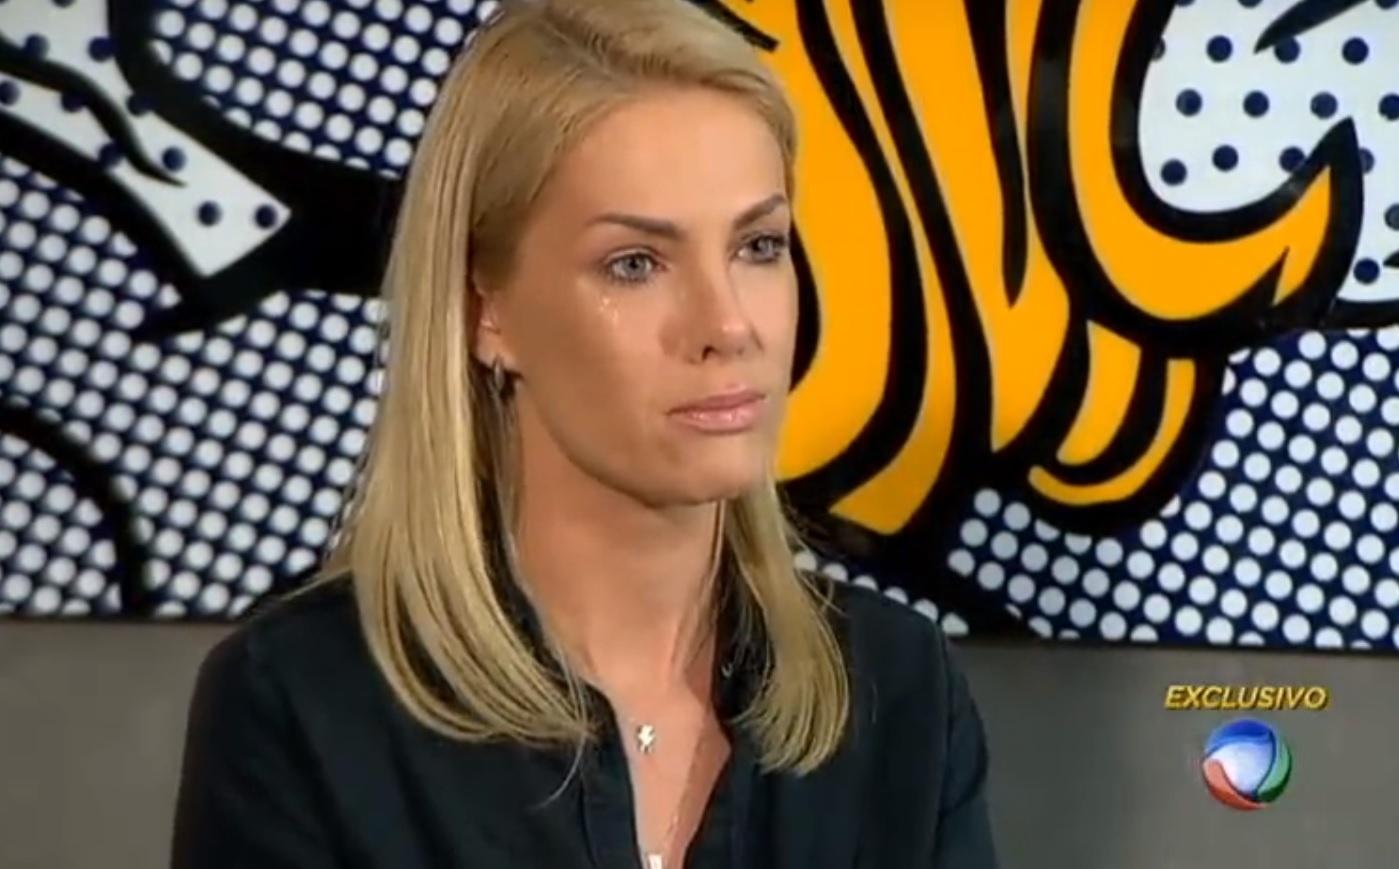 Ana Hickmann é mais buscada no Google em 2016 do que Sérgio Moro e Trump -  14 12 2016 - UOL TV e Famosos c1e5eedb41